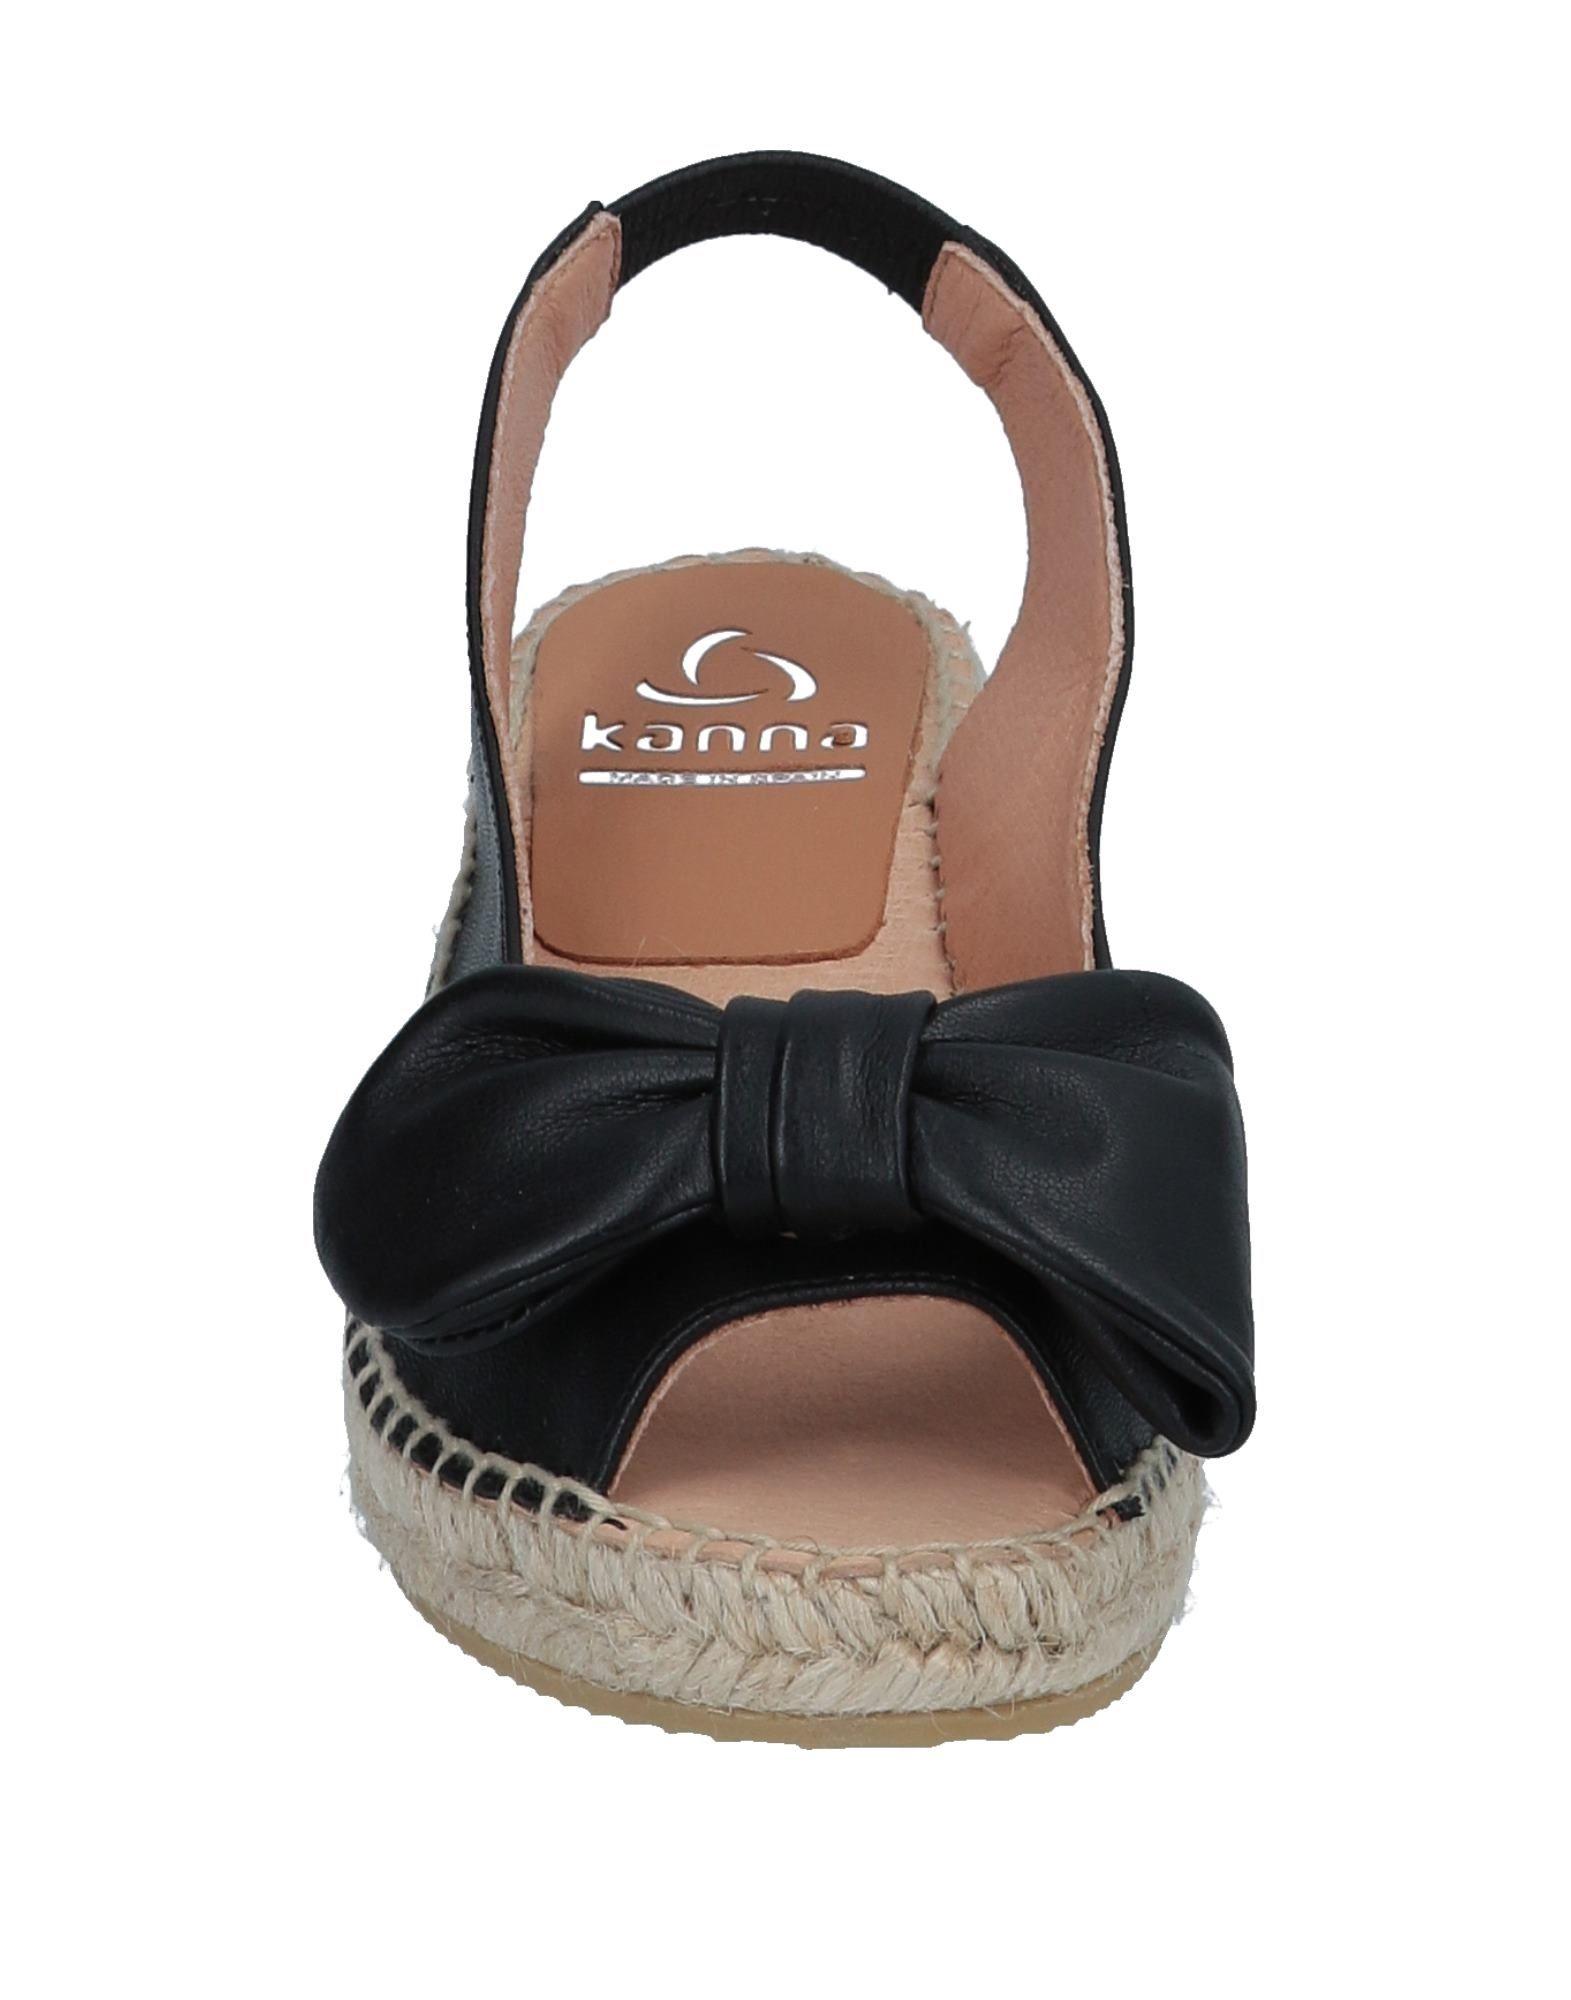 Kanna 11570813VV Sandalen Damen 11570813VV Kanna Gute Qualität beliebte Schuhe 390665